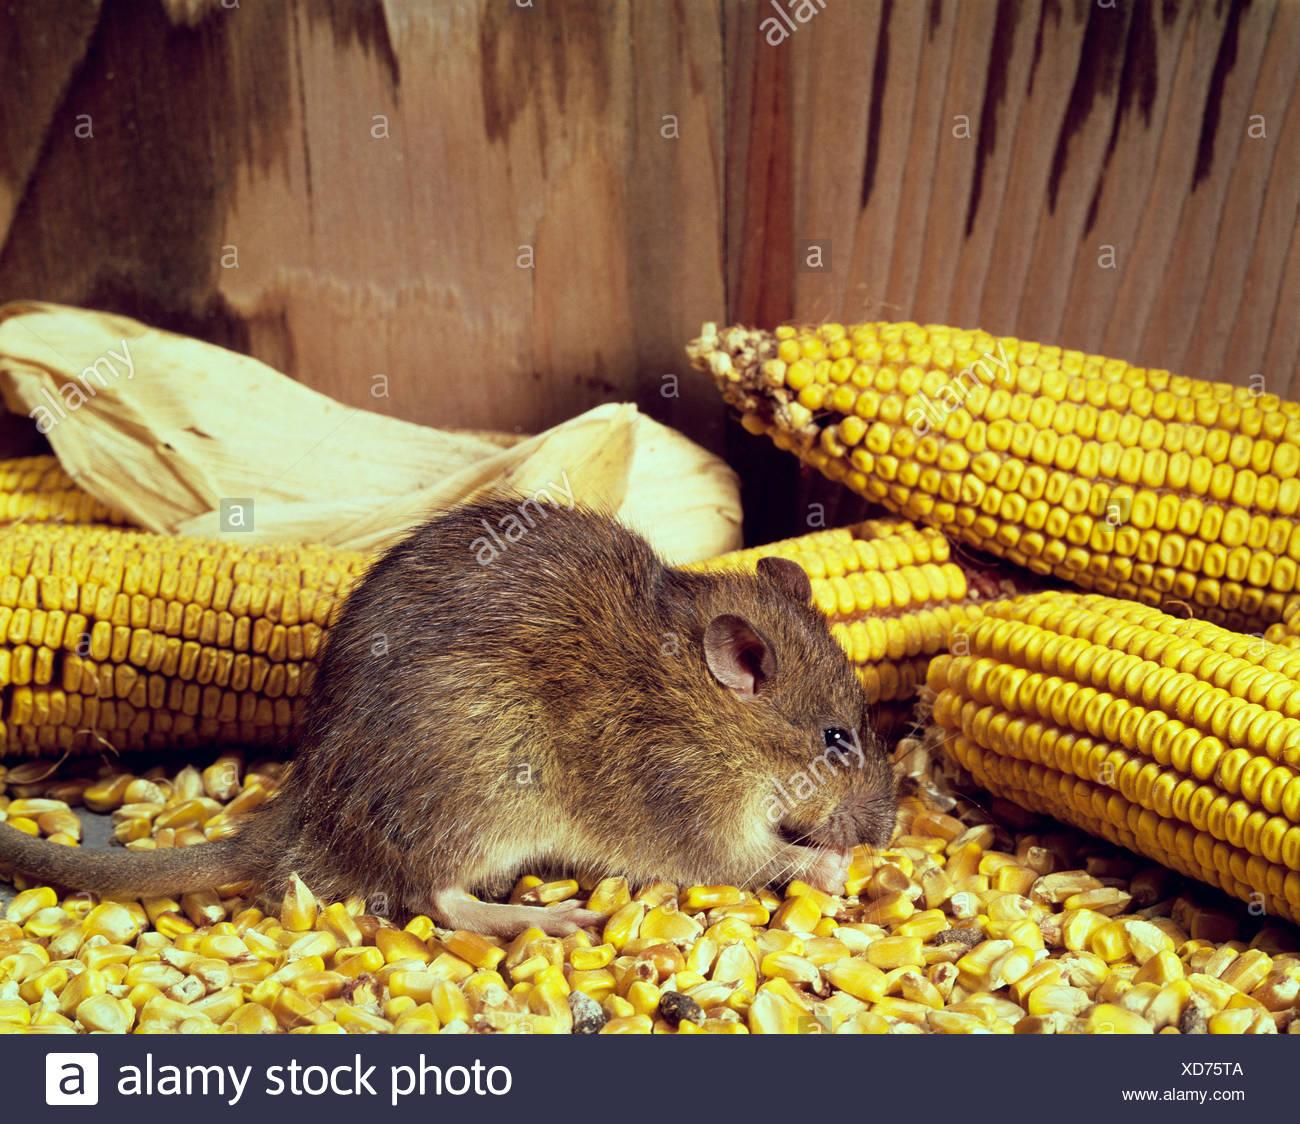 RAT - Stock Image